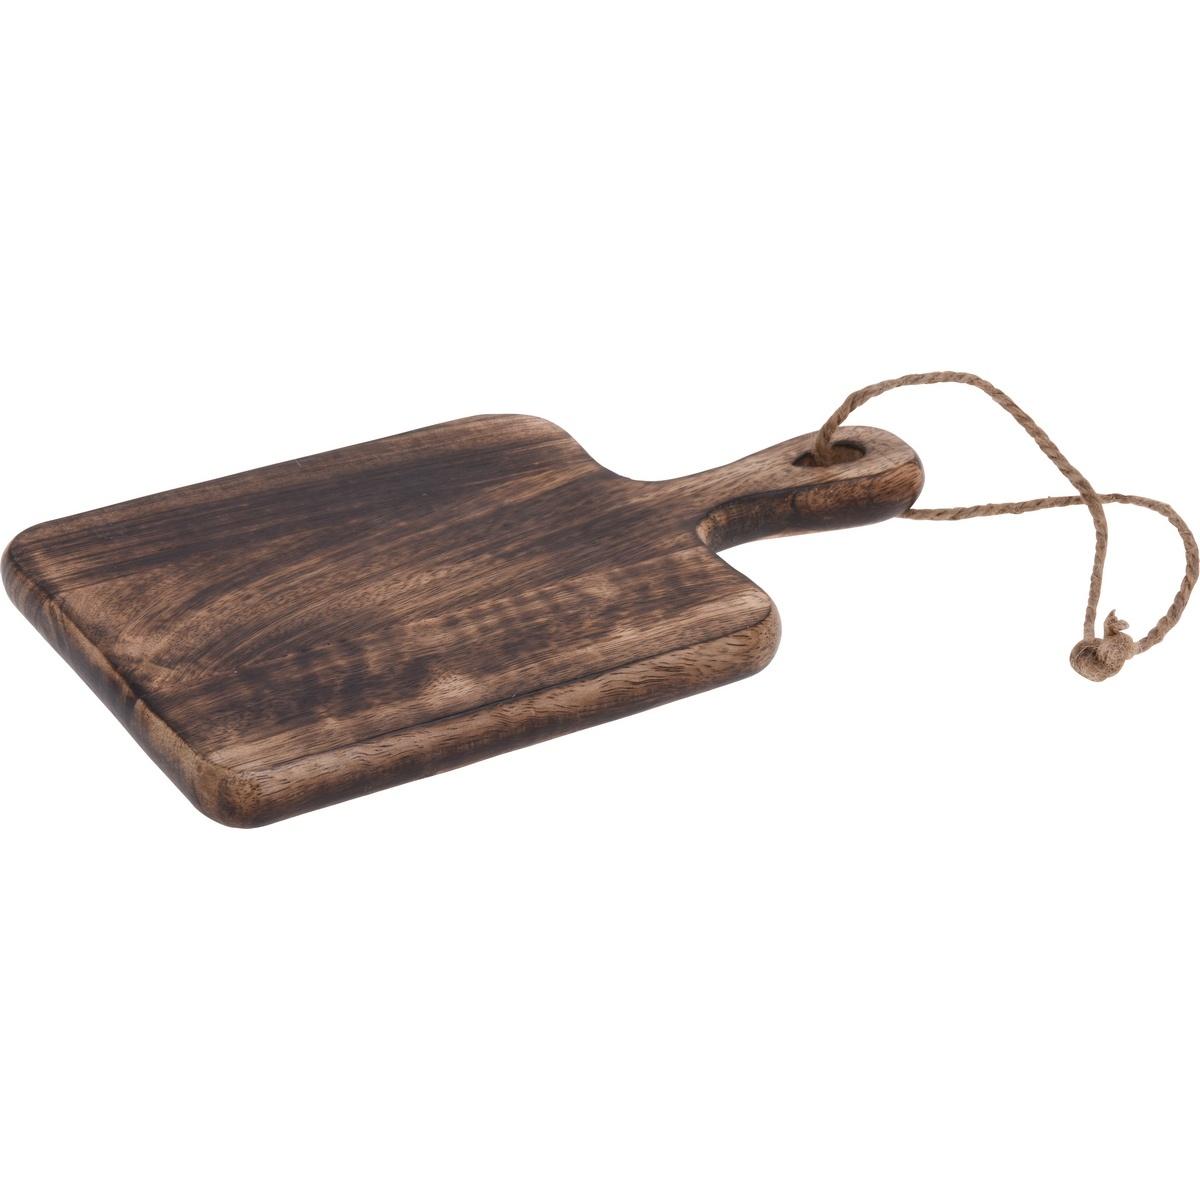 Dřevěné krájecí prkénko s úchytem, 14,5 x 25 x 1,5 cm